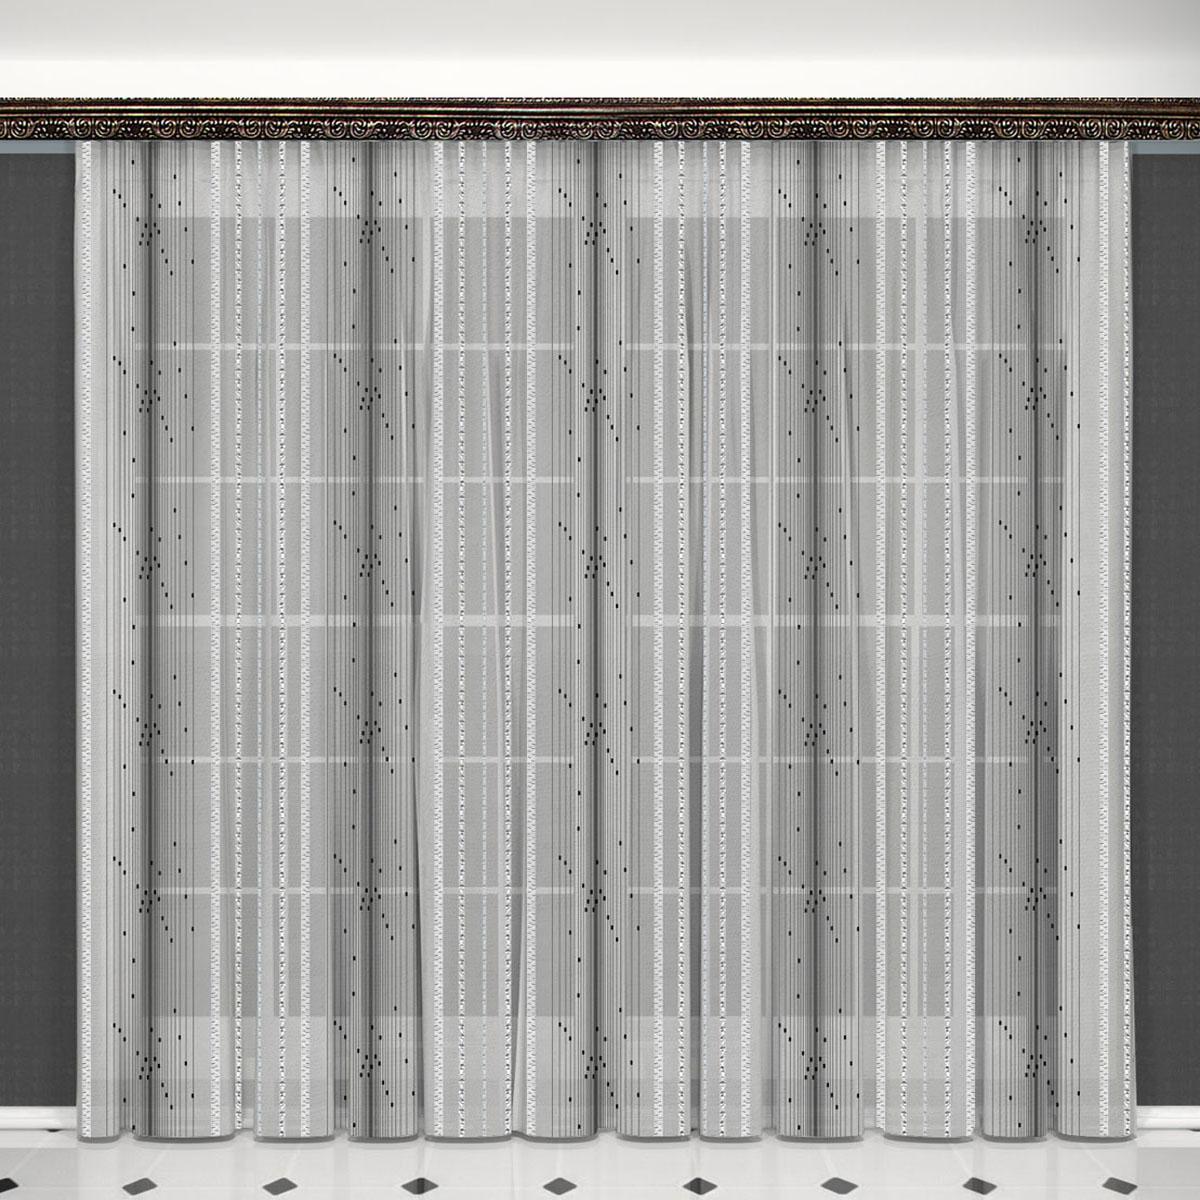 Гардина Zlata Korunka, на ленте, цвет: серый, высота 260 см. 5563377506Воздушная гардина Zlata Korunka, изготовленная из высококачественного полиэстера, станет великолепным украшением любого окна. Оригинальное оформление гардины внесет разнообразие и подарит заряд положительного настроения.Крепится при помощи шторной ленты.